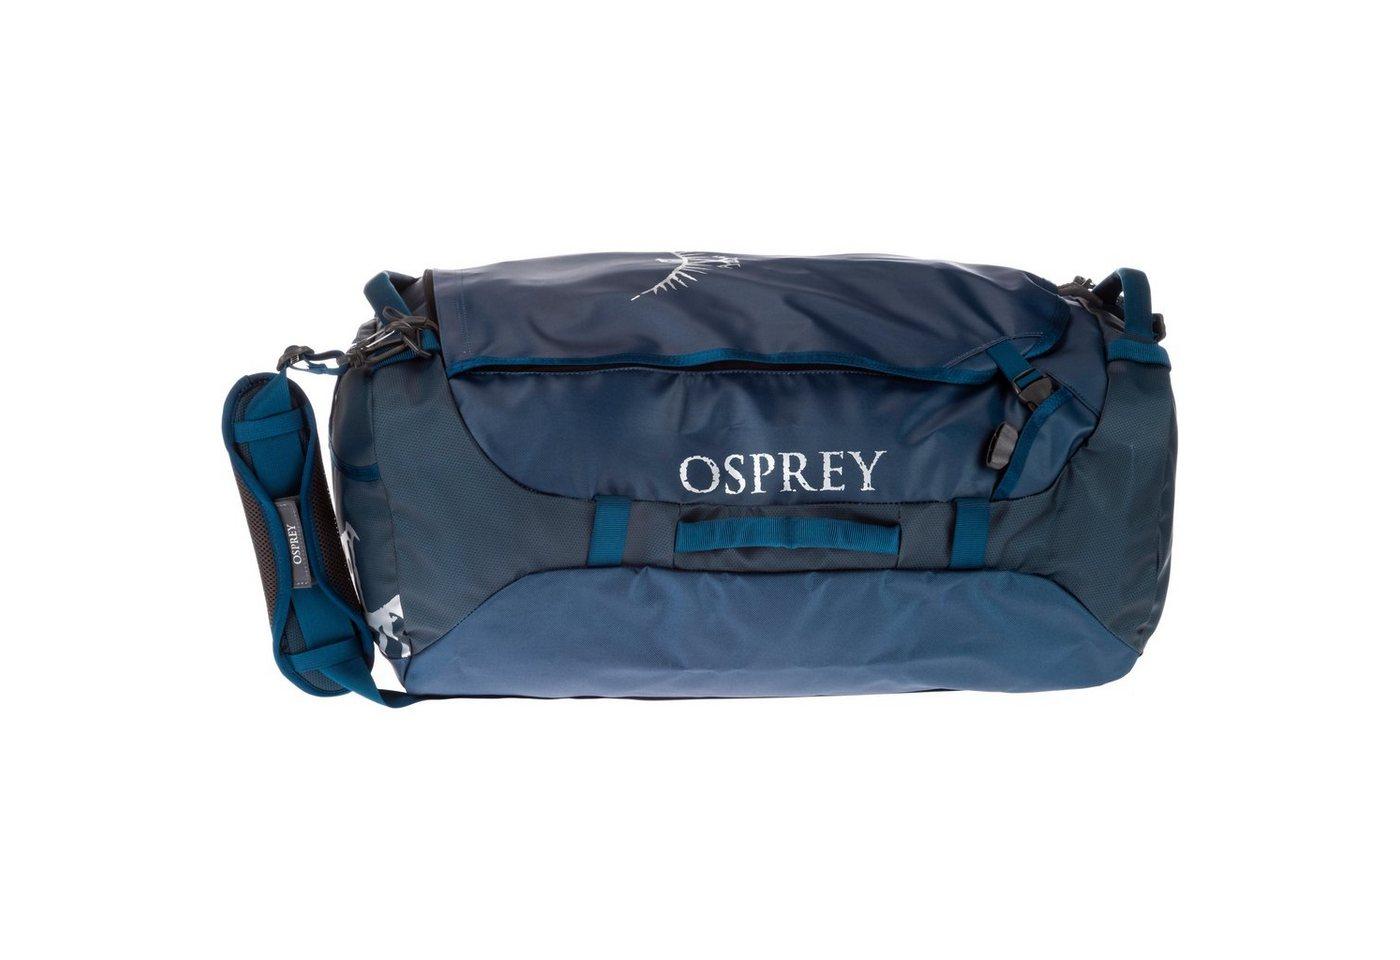 osprey -  Reisetasche »Transporter 65 Duffle Transporter 65 Transporter 65«